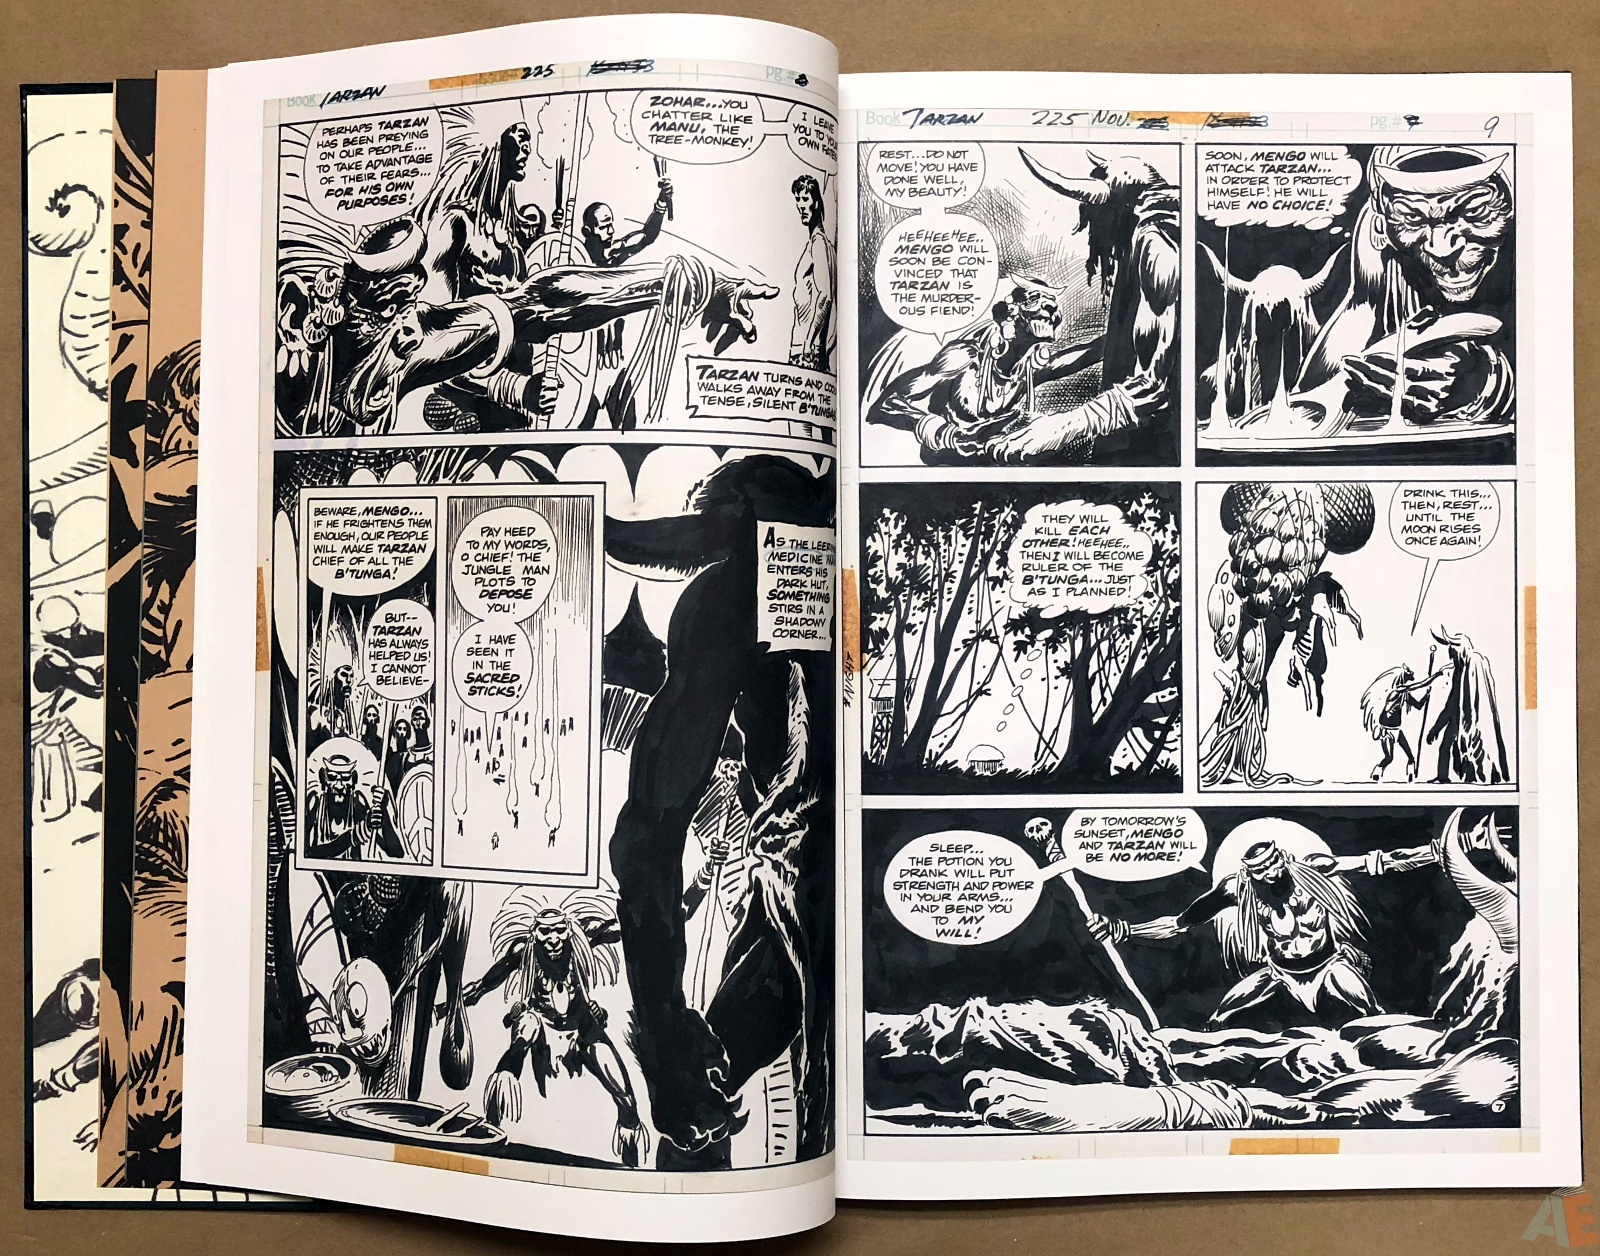 Joe Kubert's Tarzan and the Lion Man Artist's Edition 16